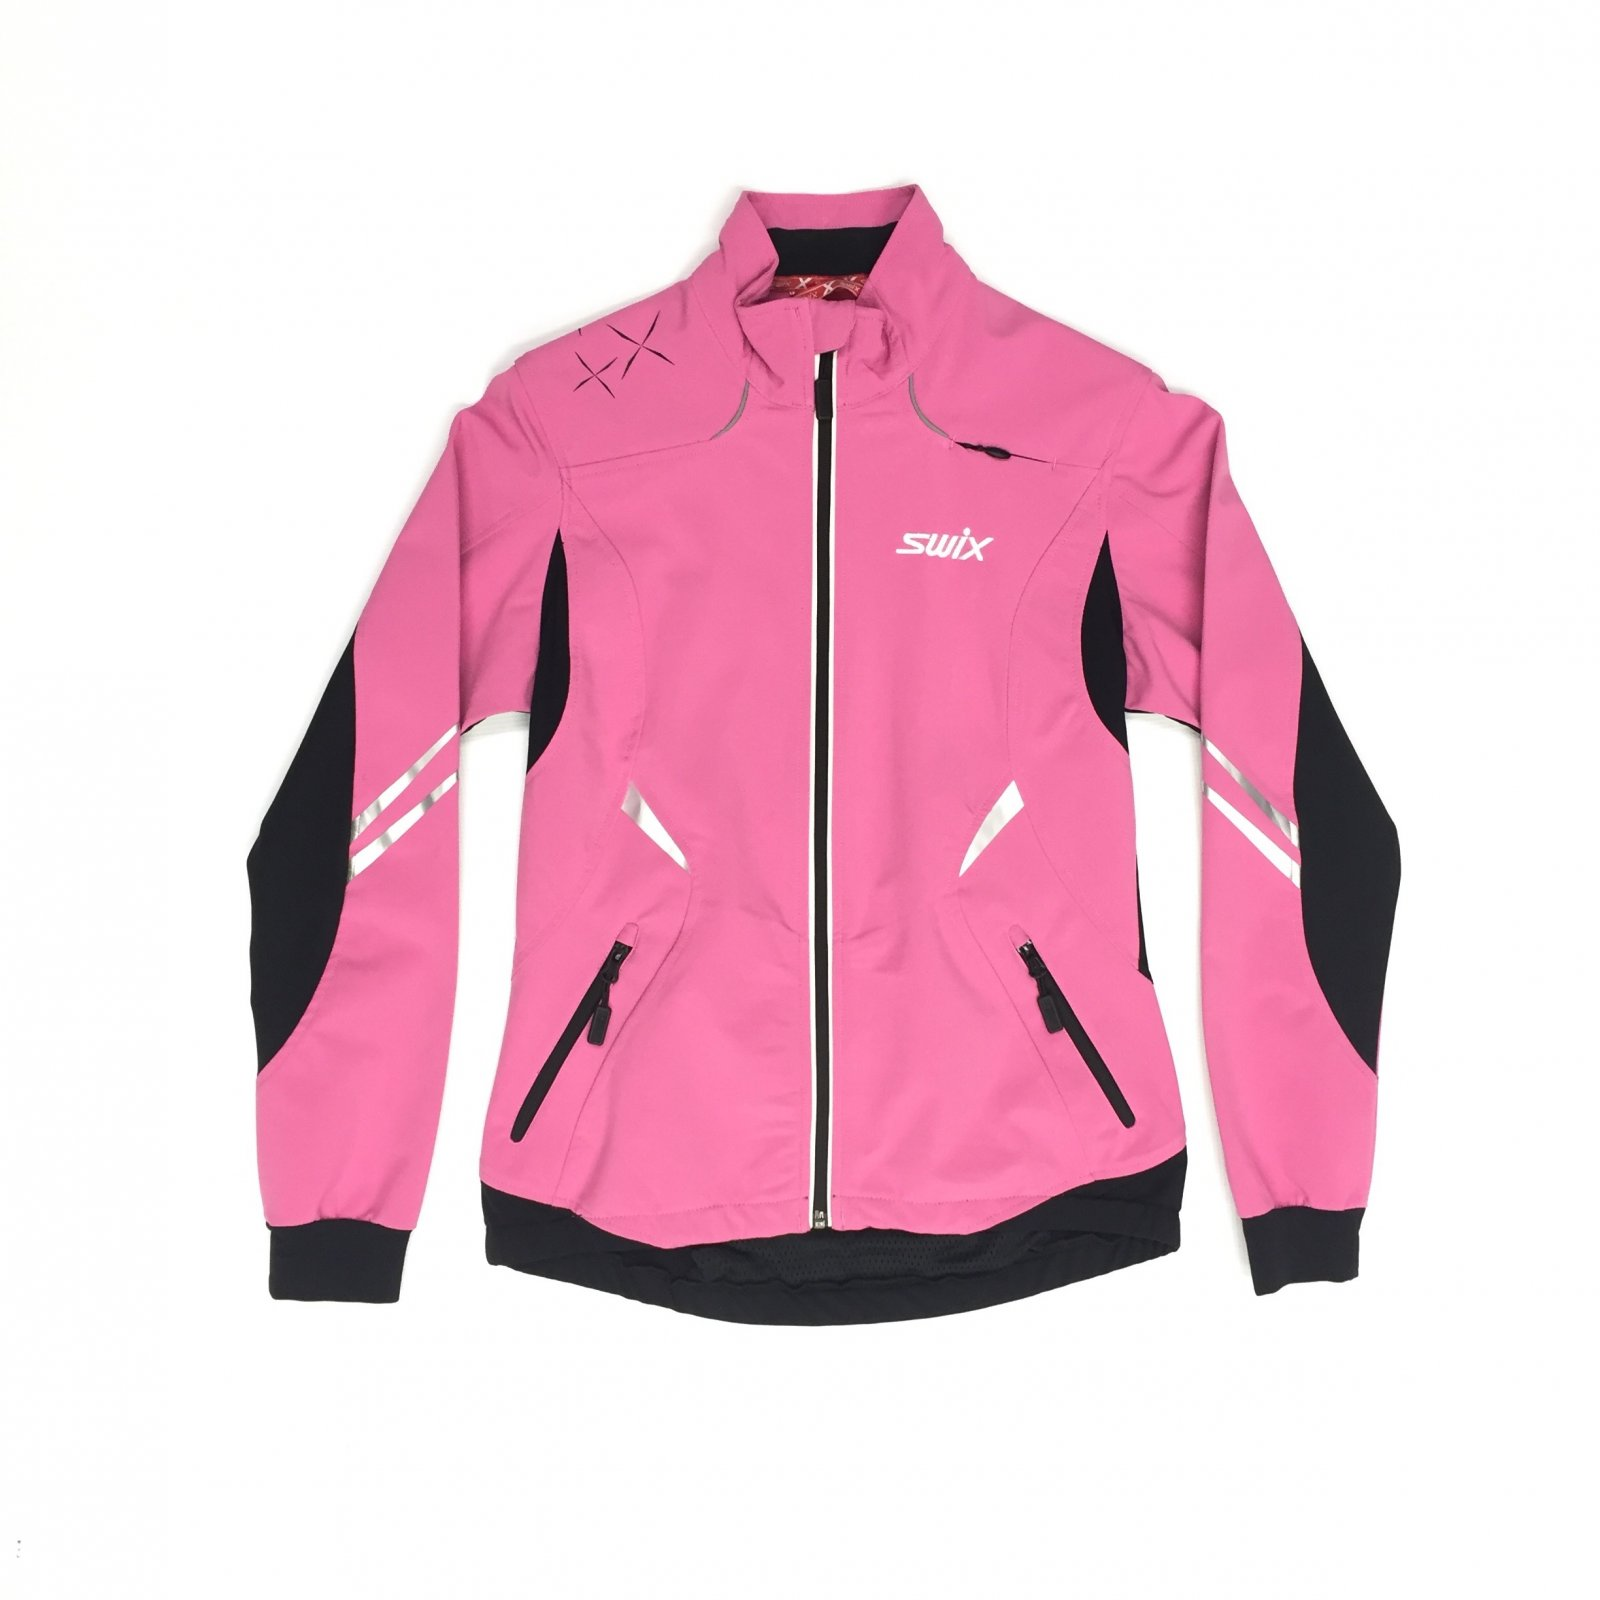 Swix Bergan Jacket Women's